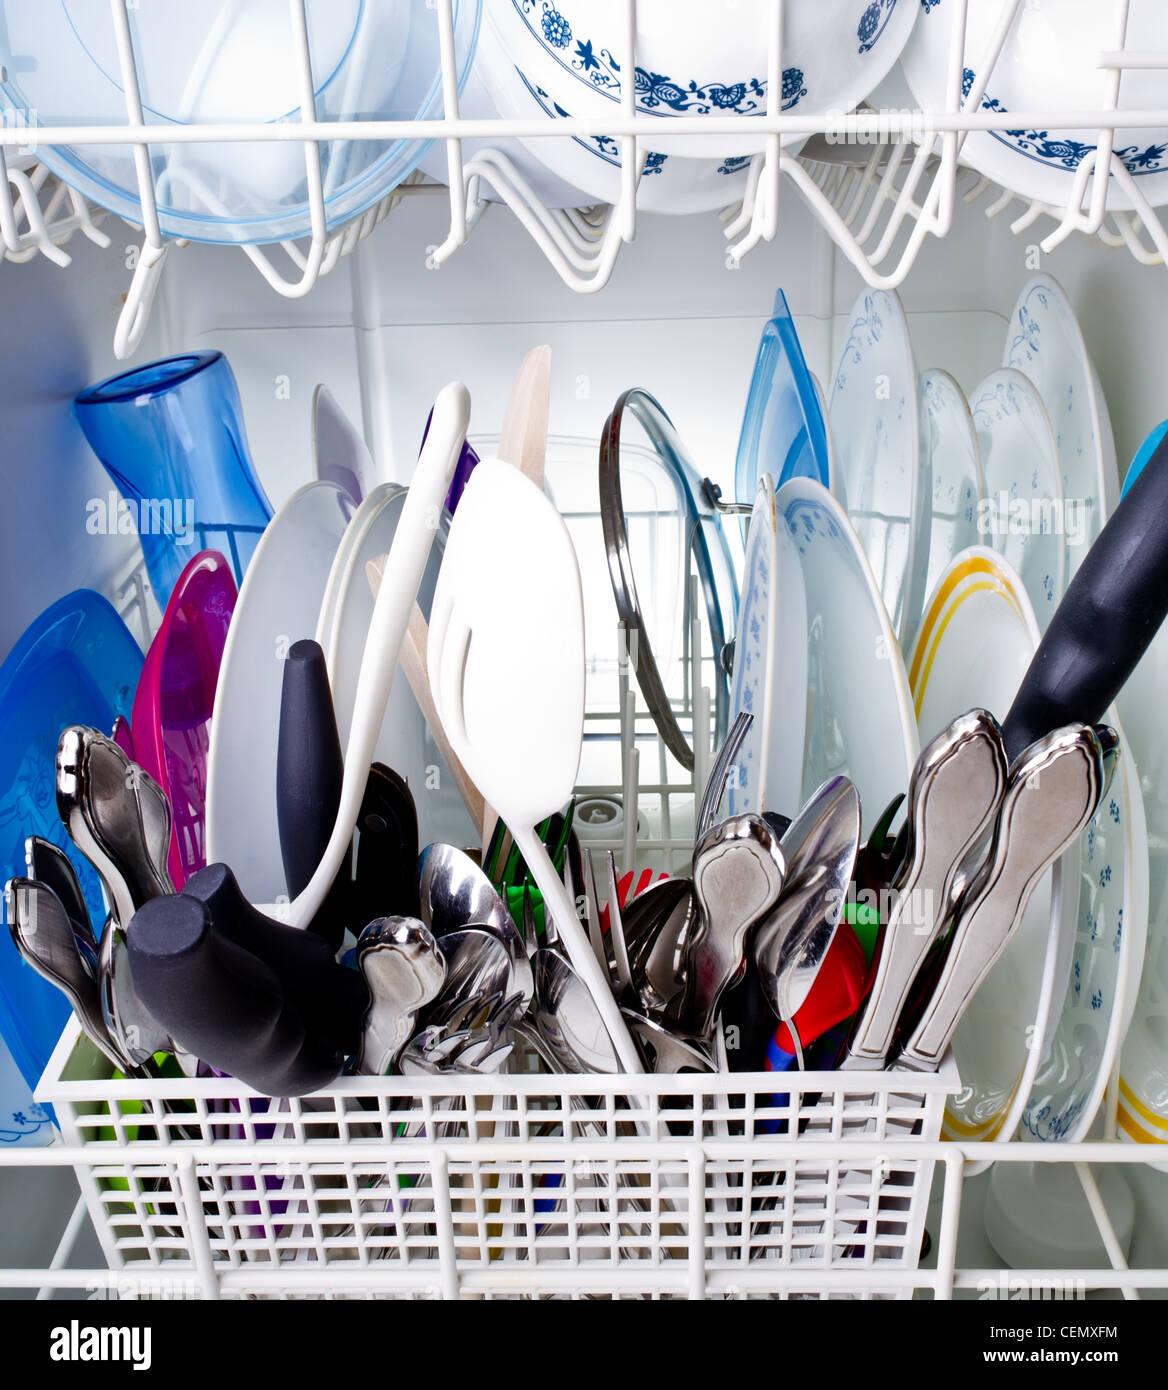 Nettoyer Interieur Lave Vaisselle nettoyer l'intérieur d'un lave-vaisselle banque d'images